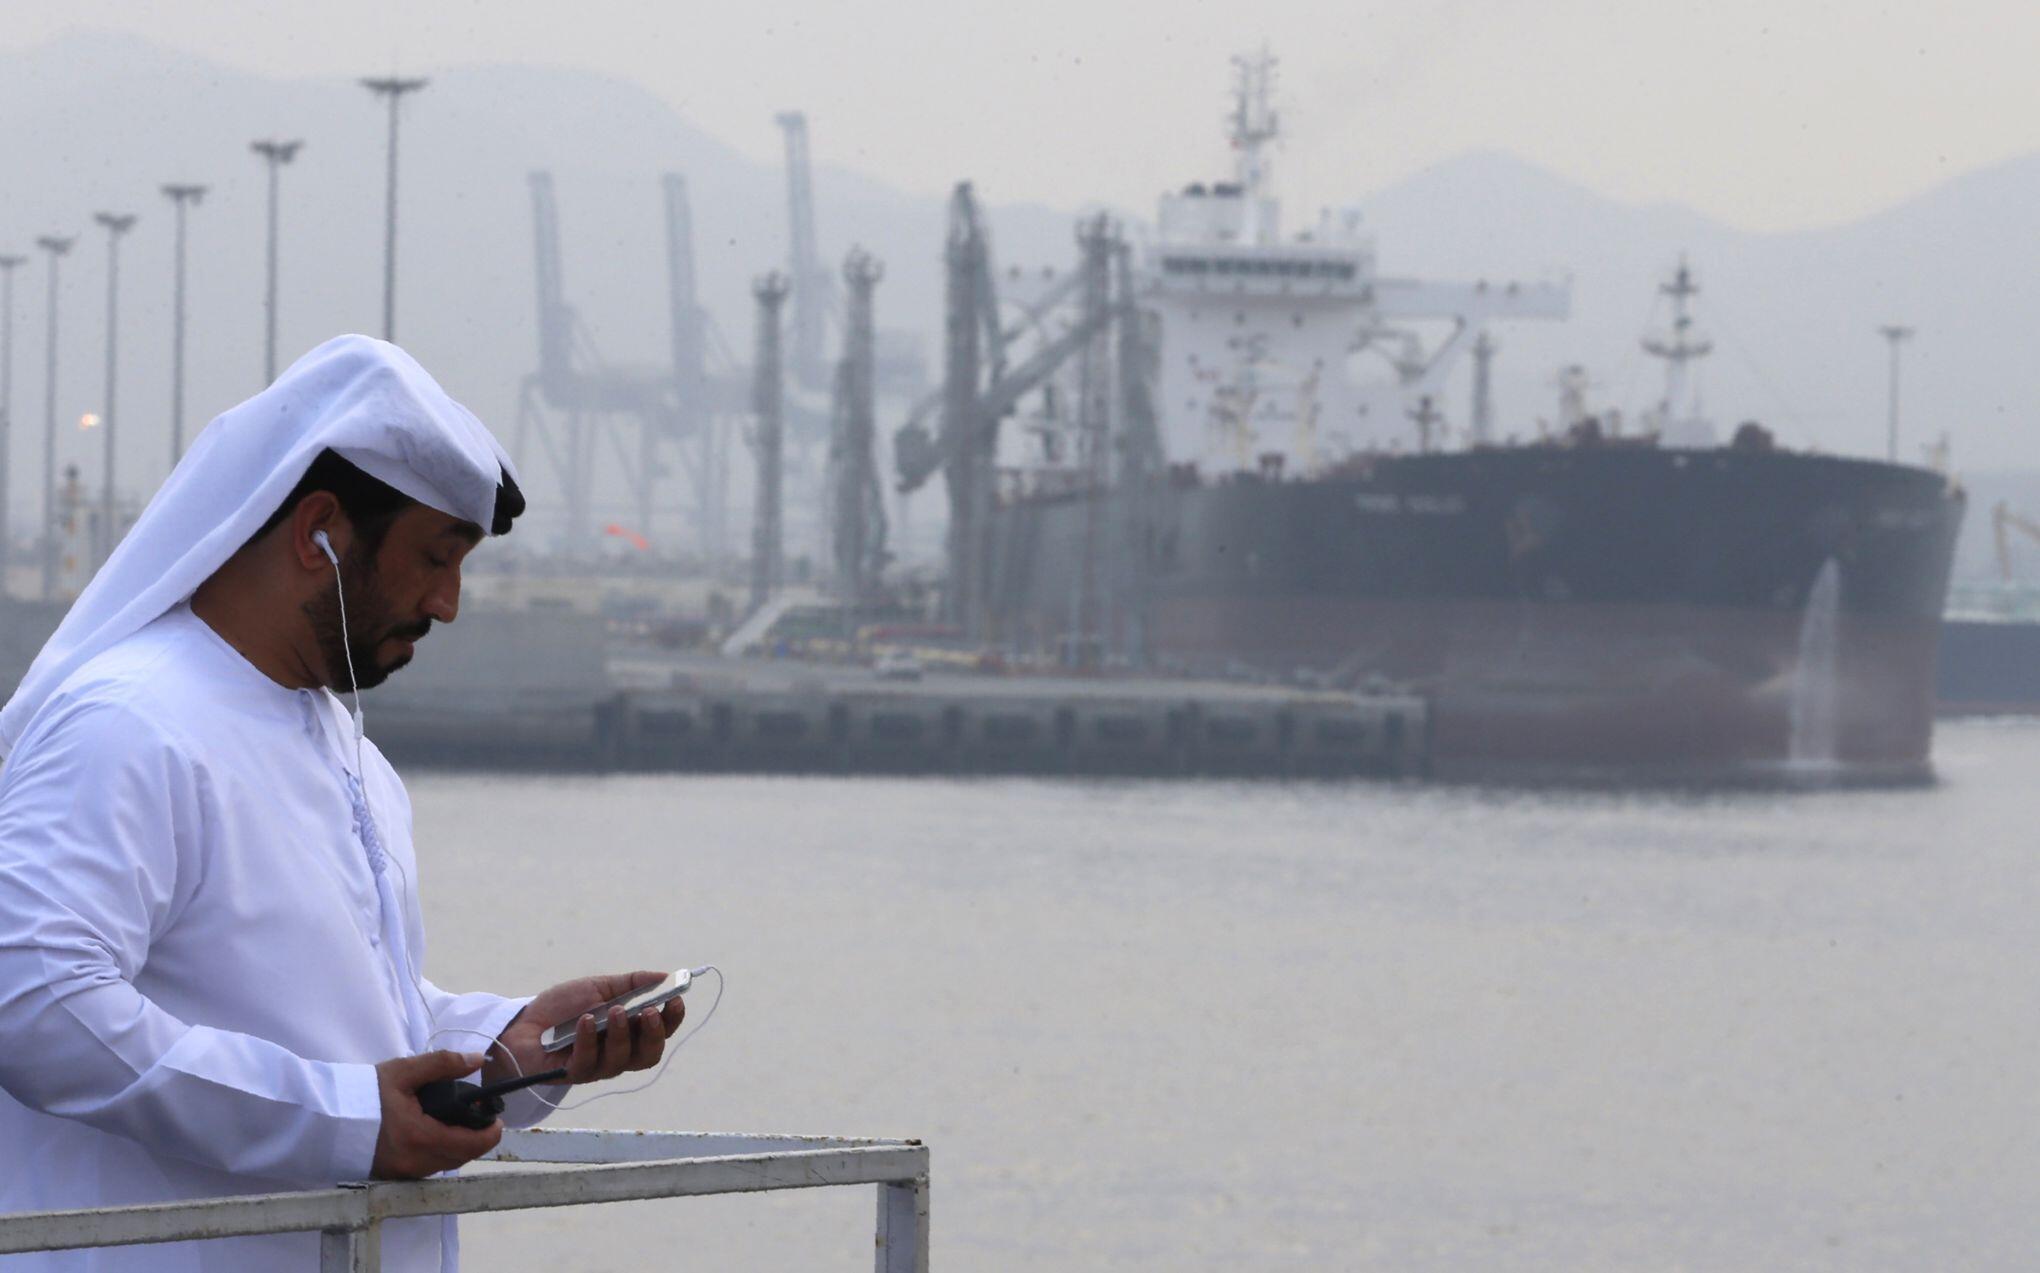 بندر فجیره در امارات متحد عربی.